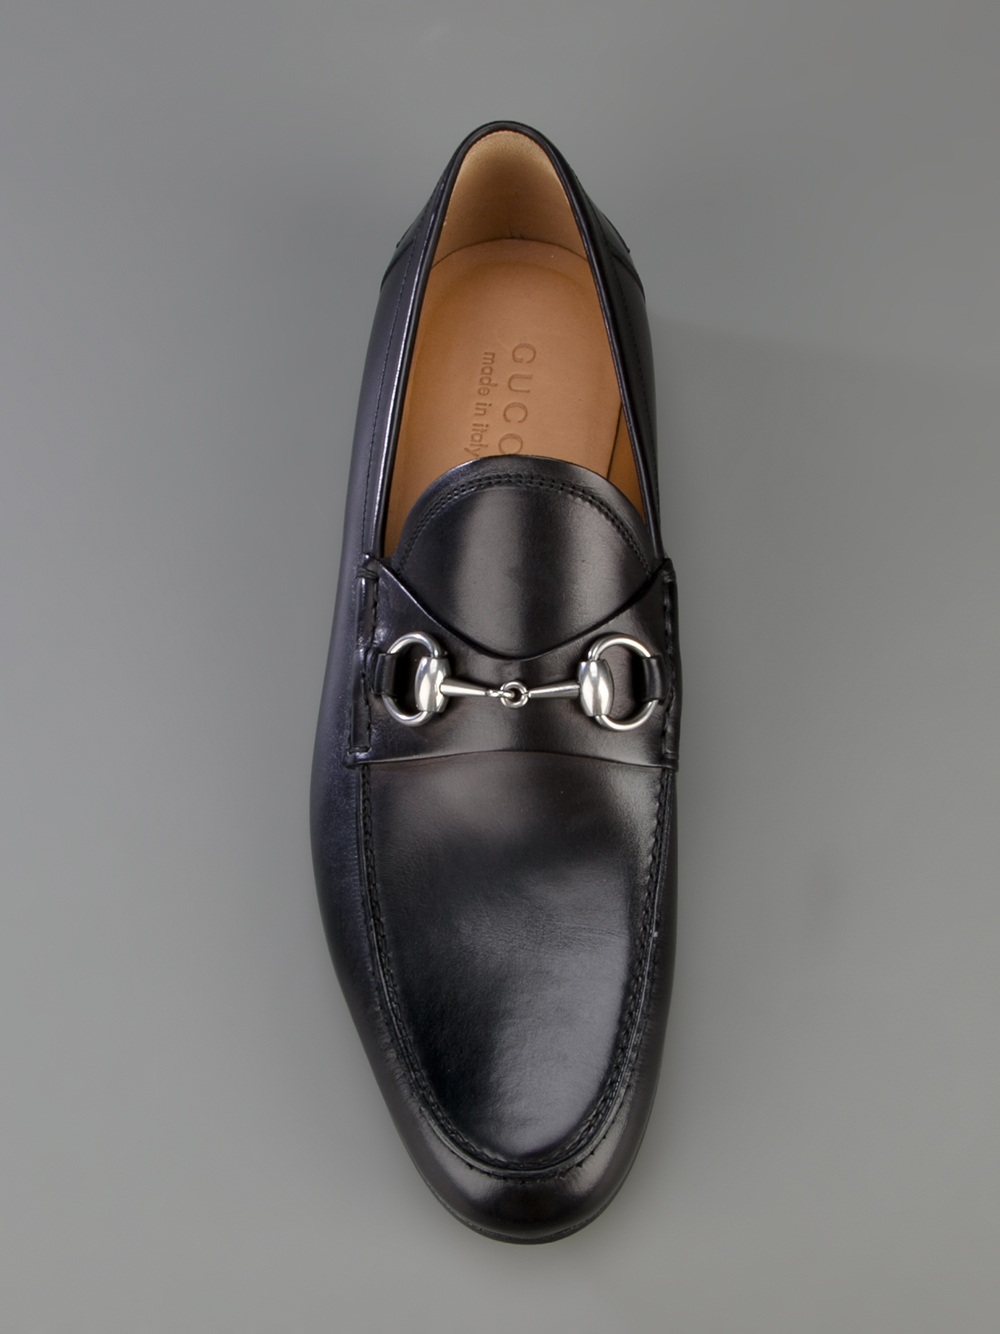 gucci horsebit loafer in black for men lyst. Black Bedroom Furniture Sets. Home Design Ideas